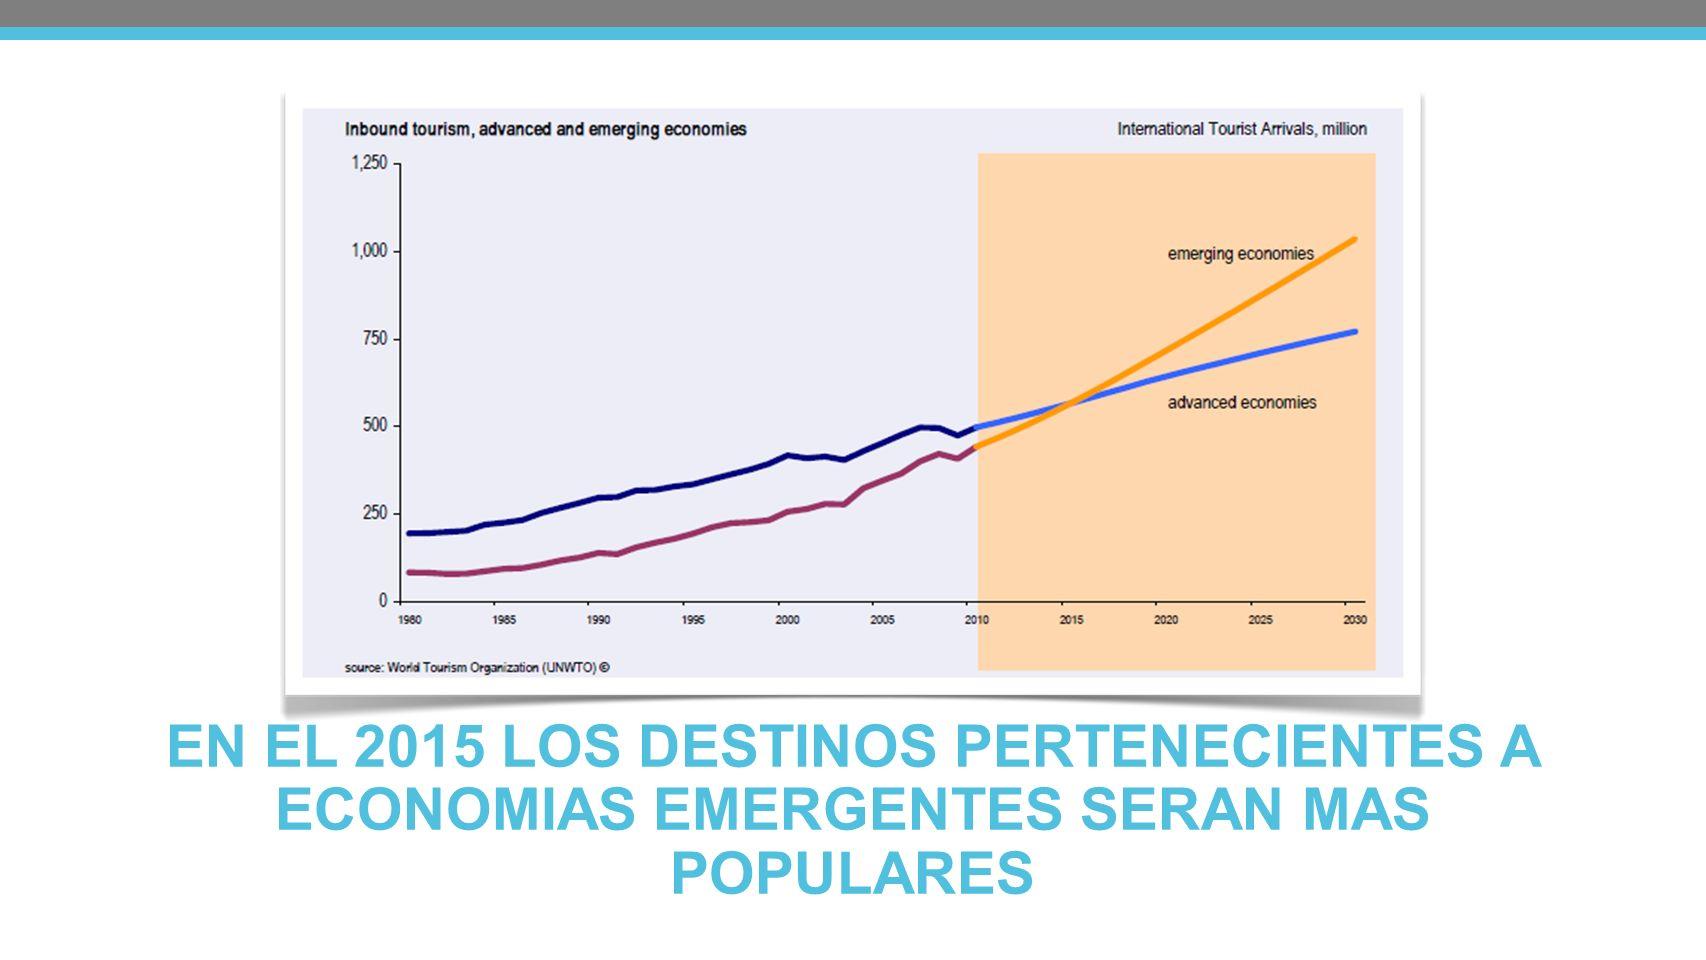 En 2015 los destinos pertenecientes a economías emergentes serán más populares que los destinos más avanzados